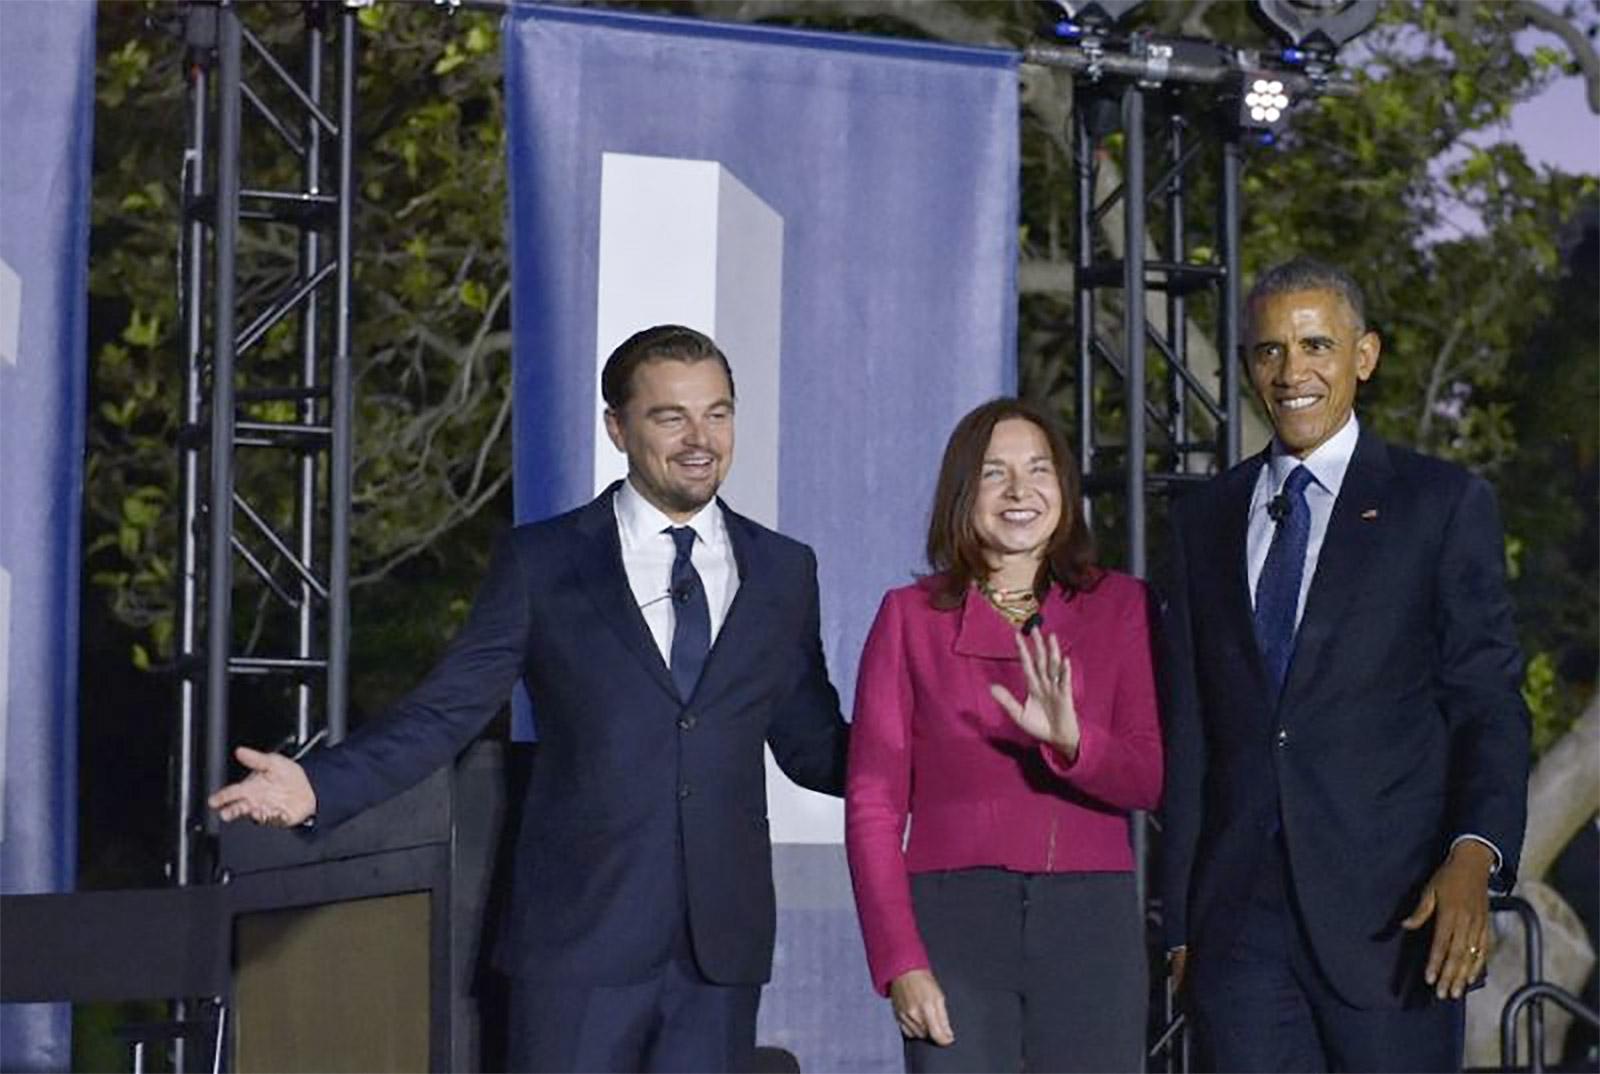 (من اليسار) الممثل ليوناردو دي كابريو، عالمة المناخ كاثرين والرئيس الأميركي باراك أوباما